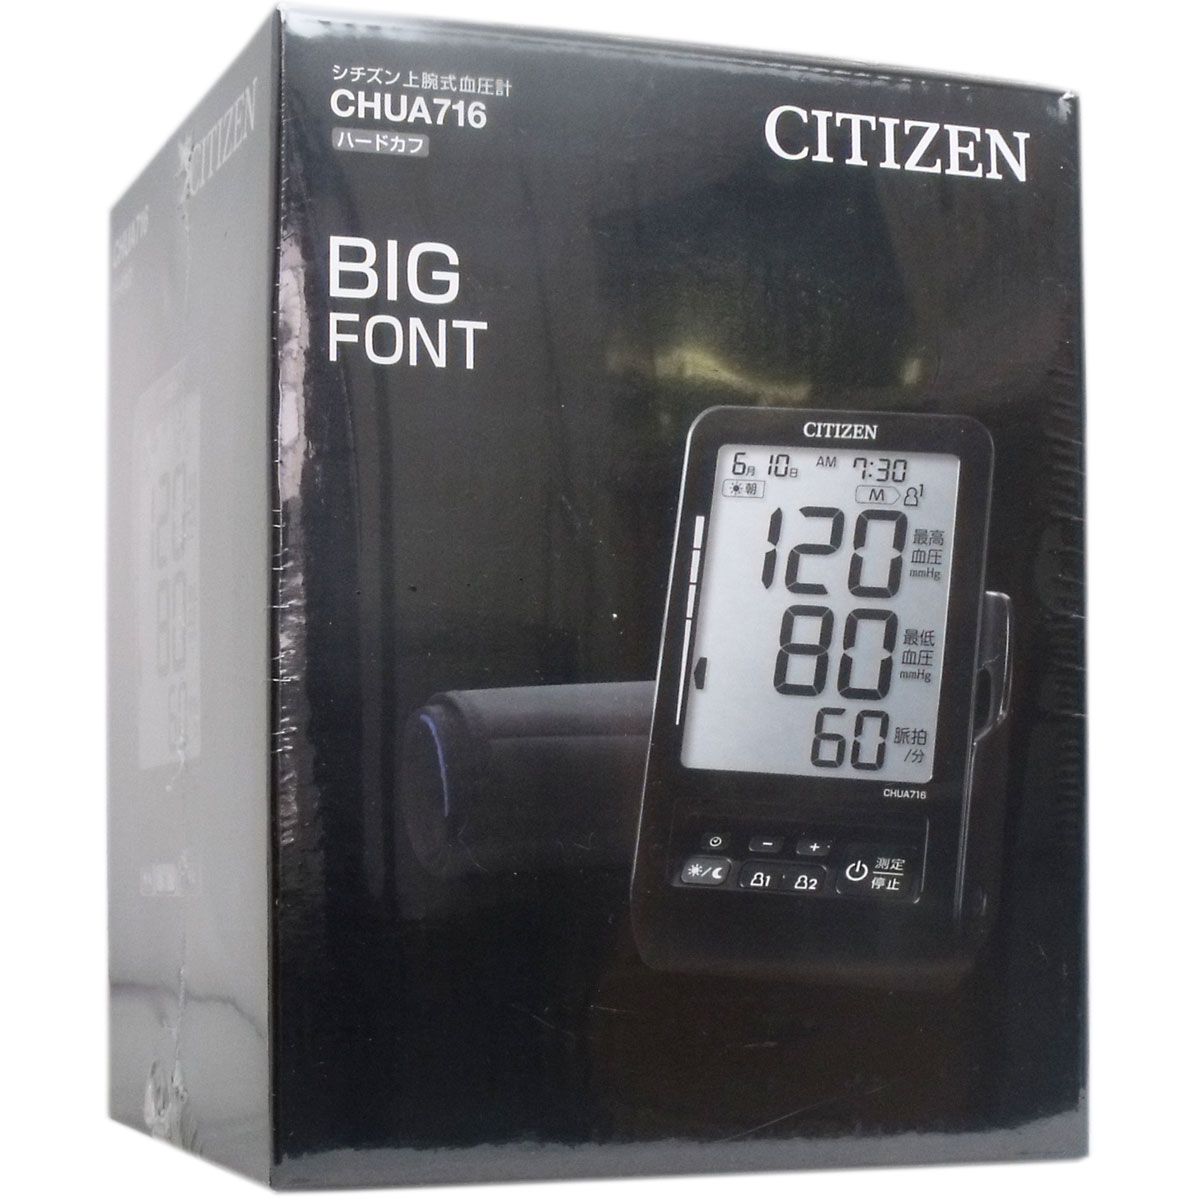 【送料無料】シチズン上腕式血圧計 ハードカフ CHUA716